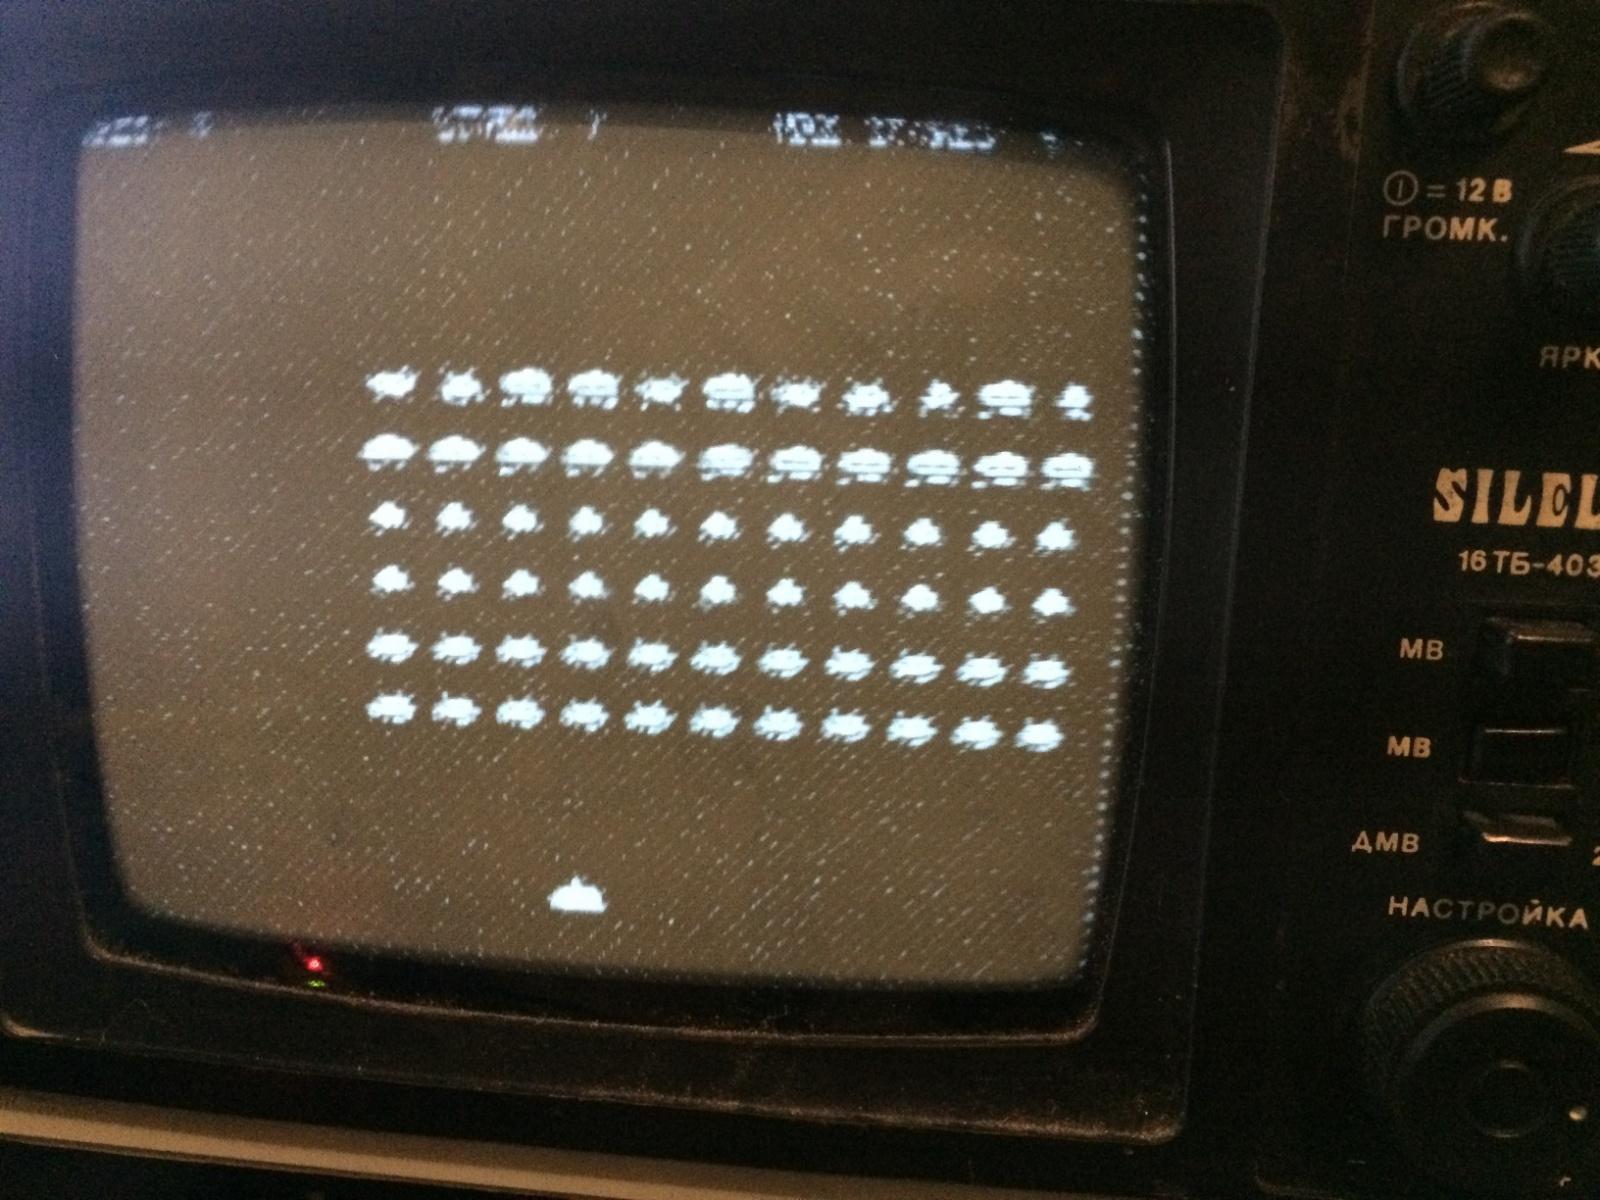 Передача аналогового тв сигнала с помощью STM32 - 7